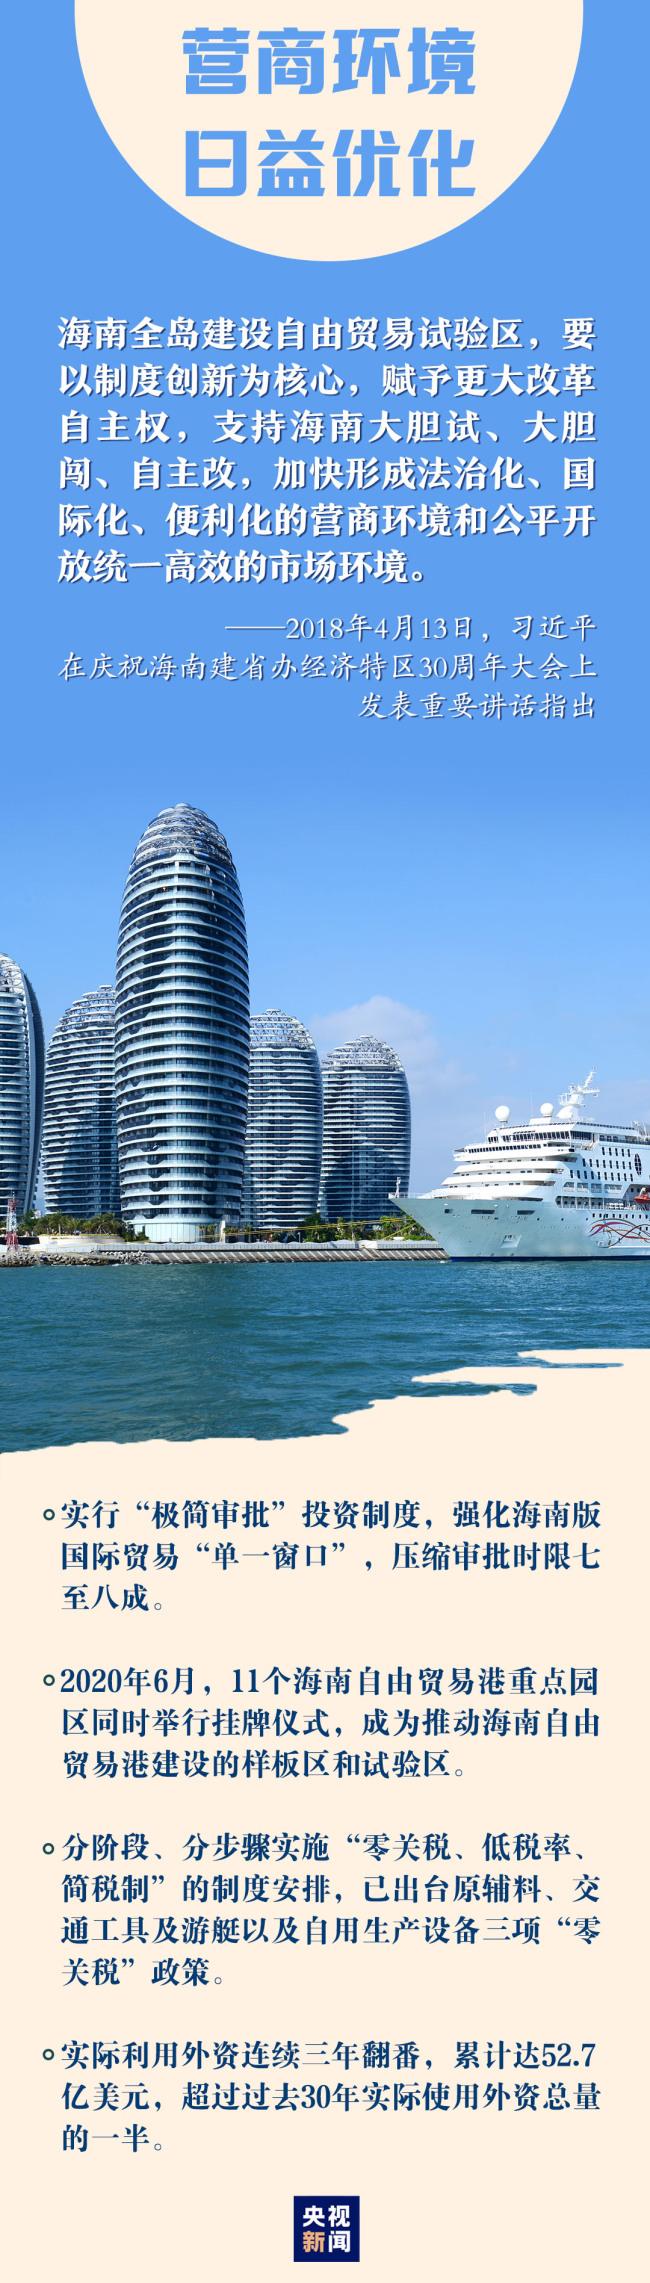 风从海上来 海南自贸港扬帆远航